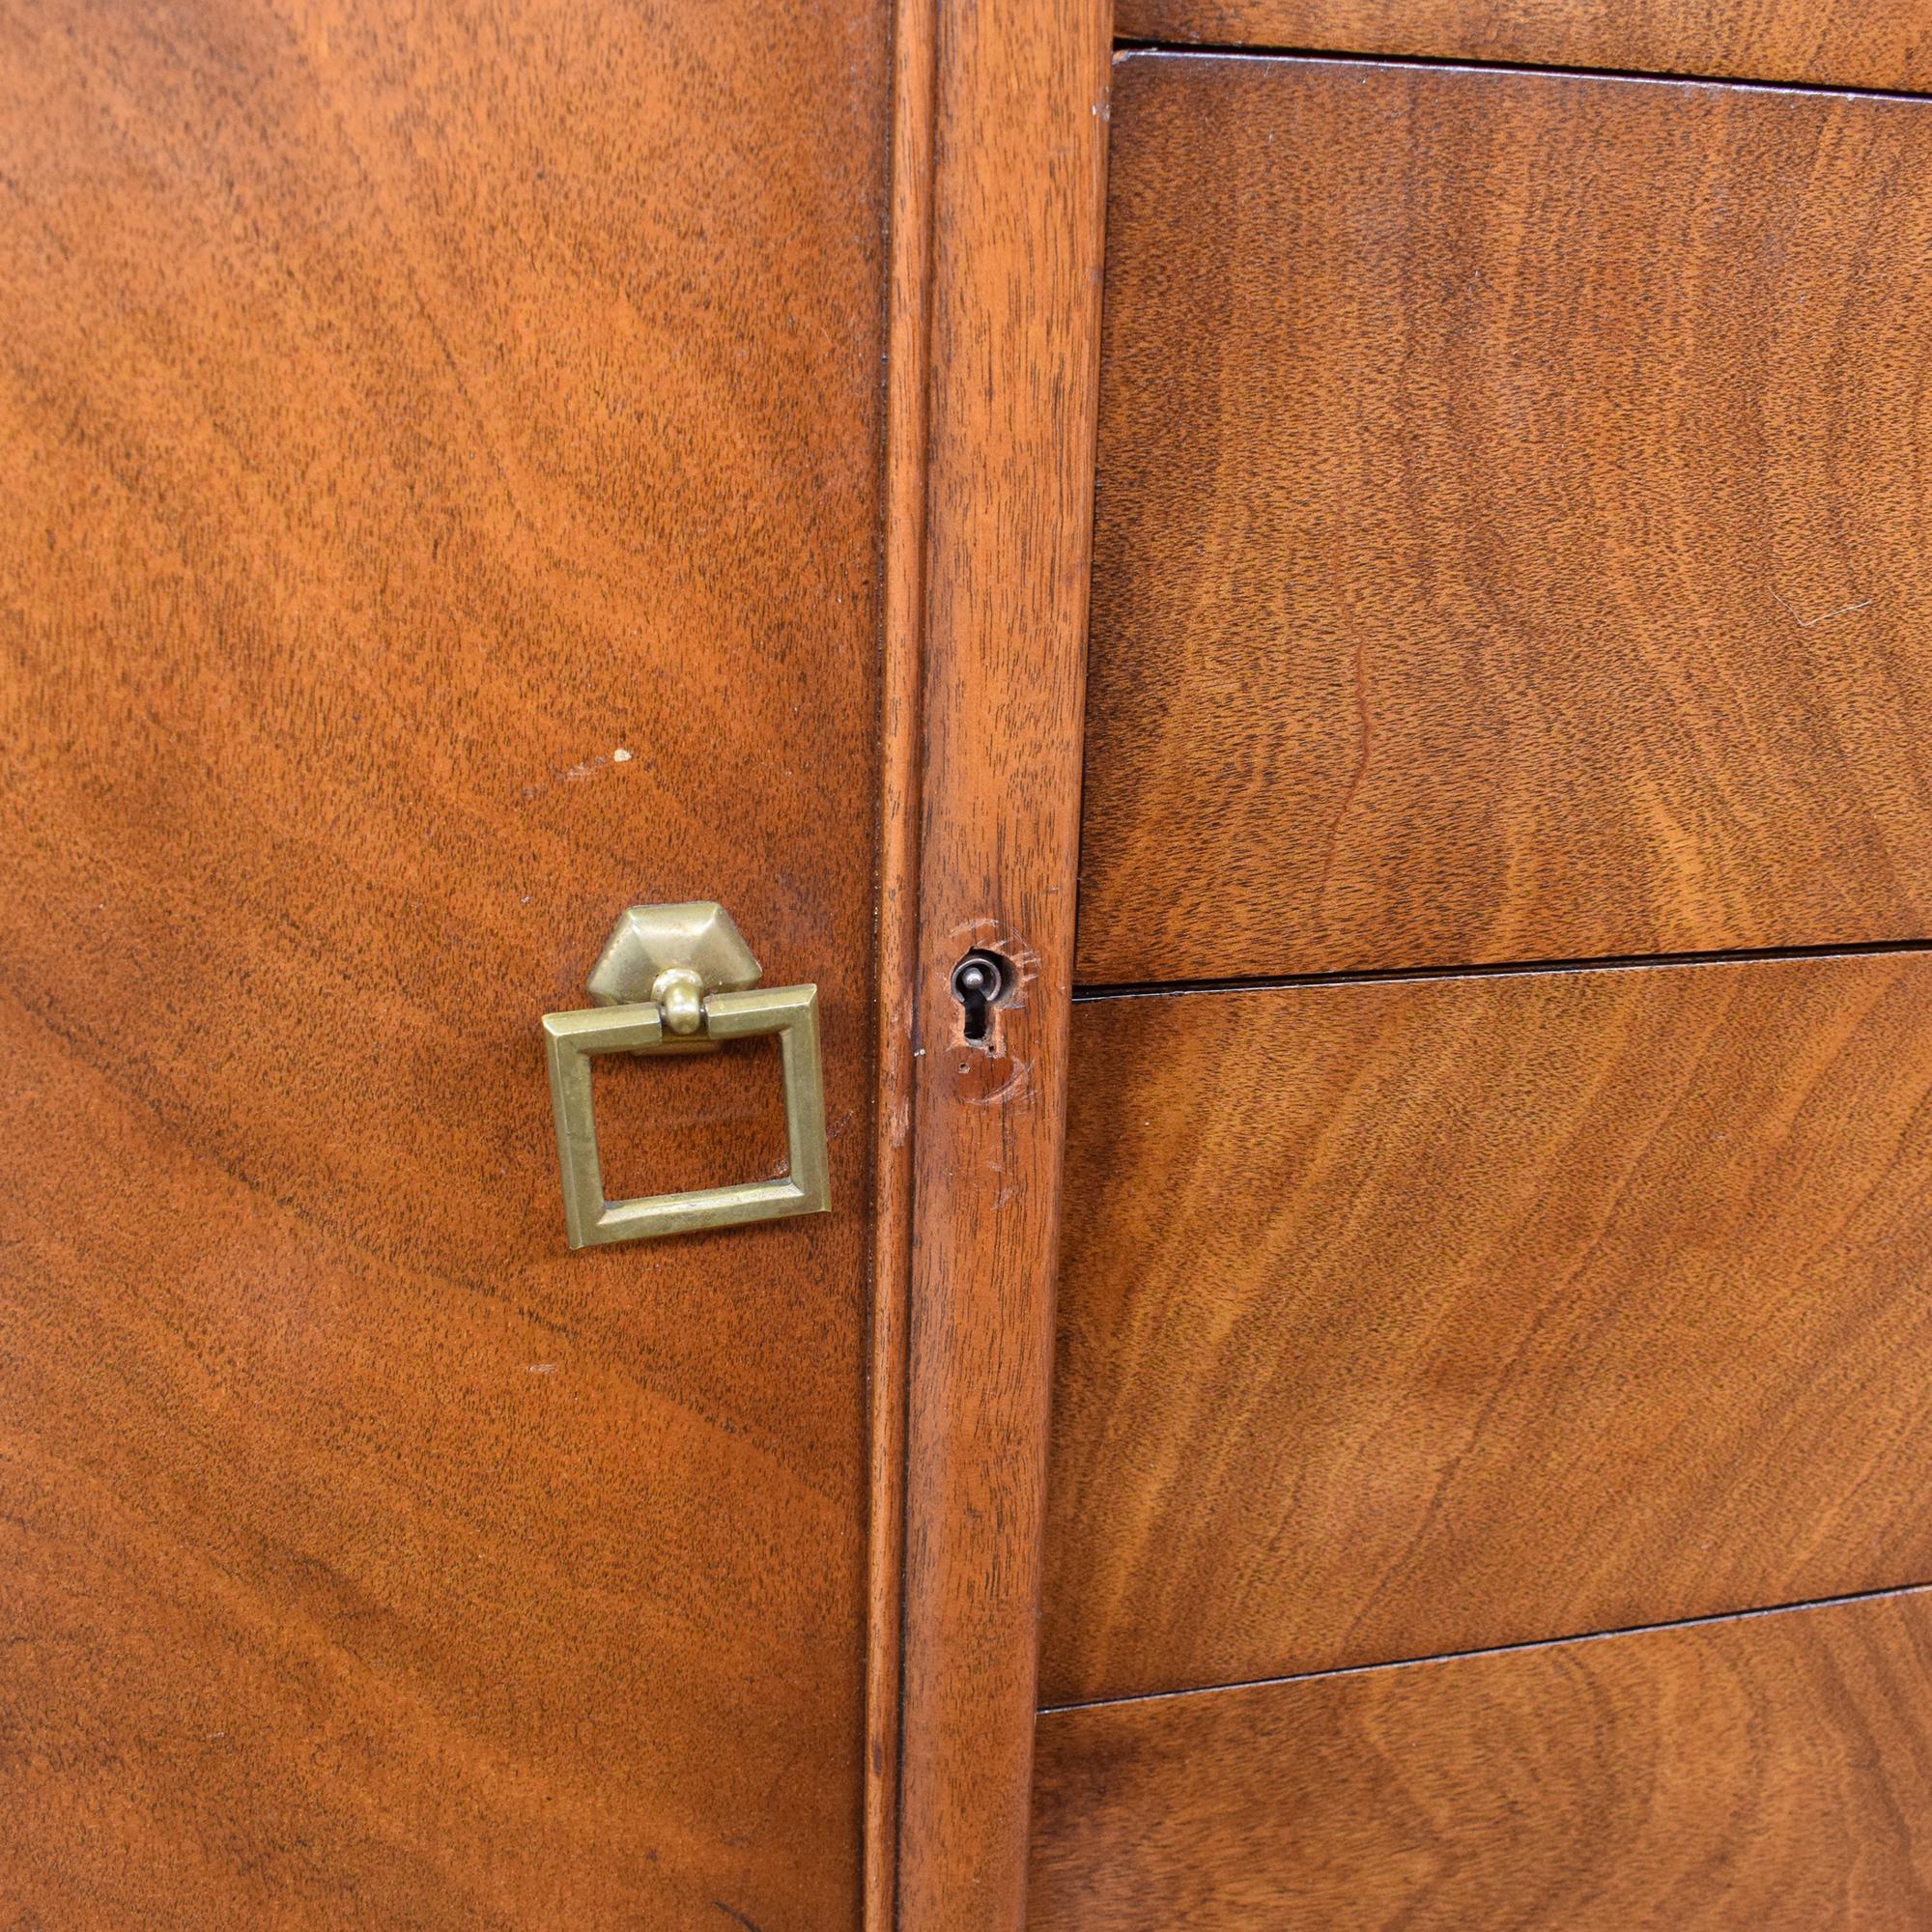 Landstrom Furniture Landstrom Furniture Company Regency Sideboard used